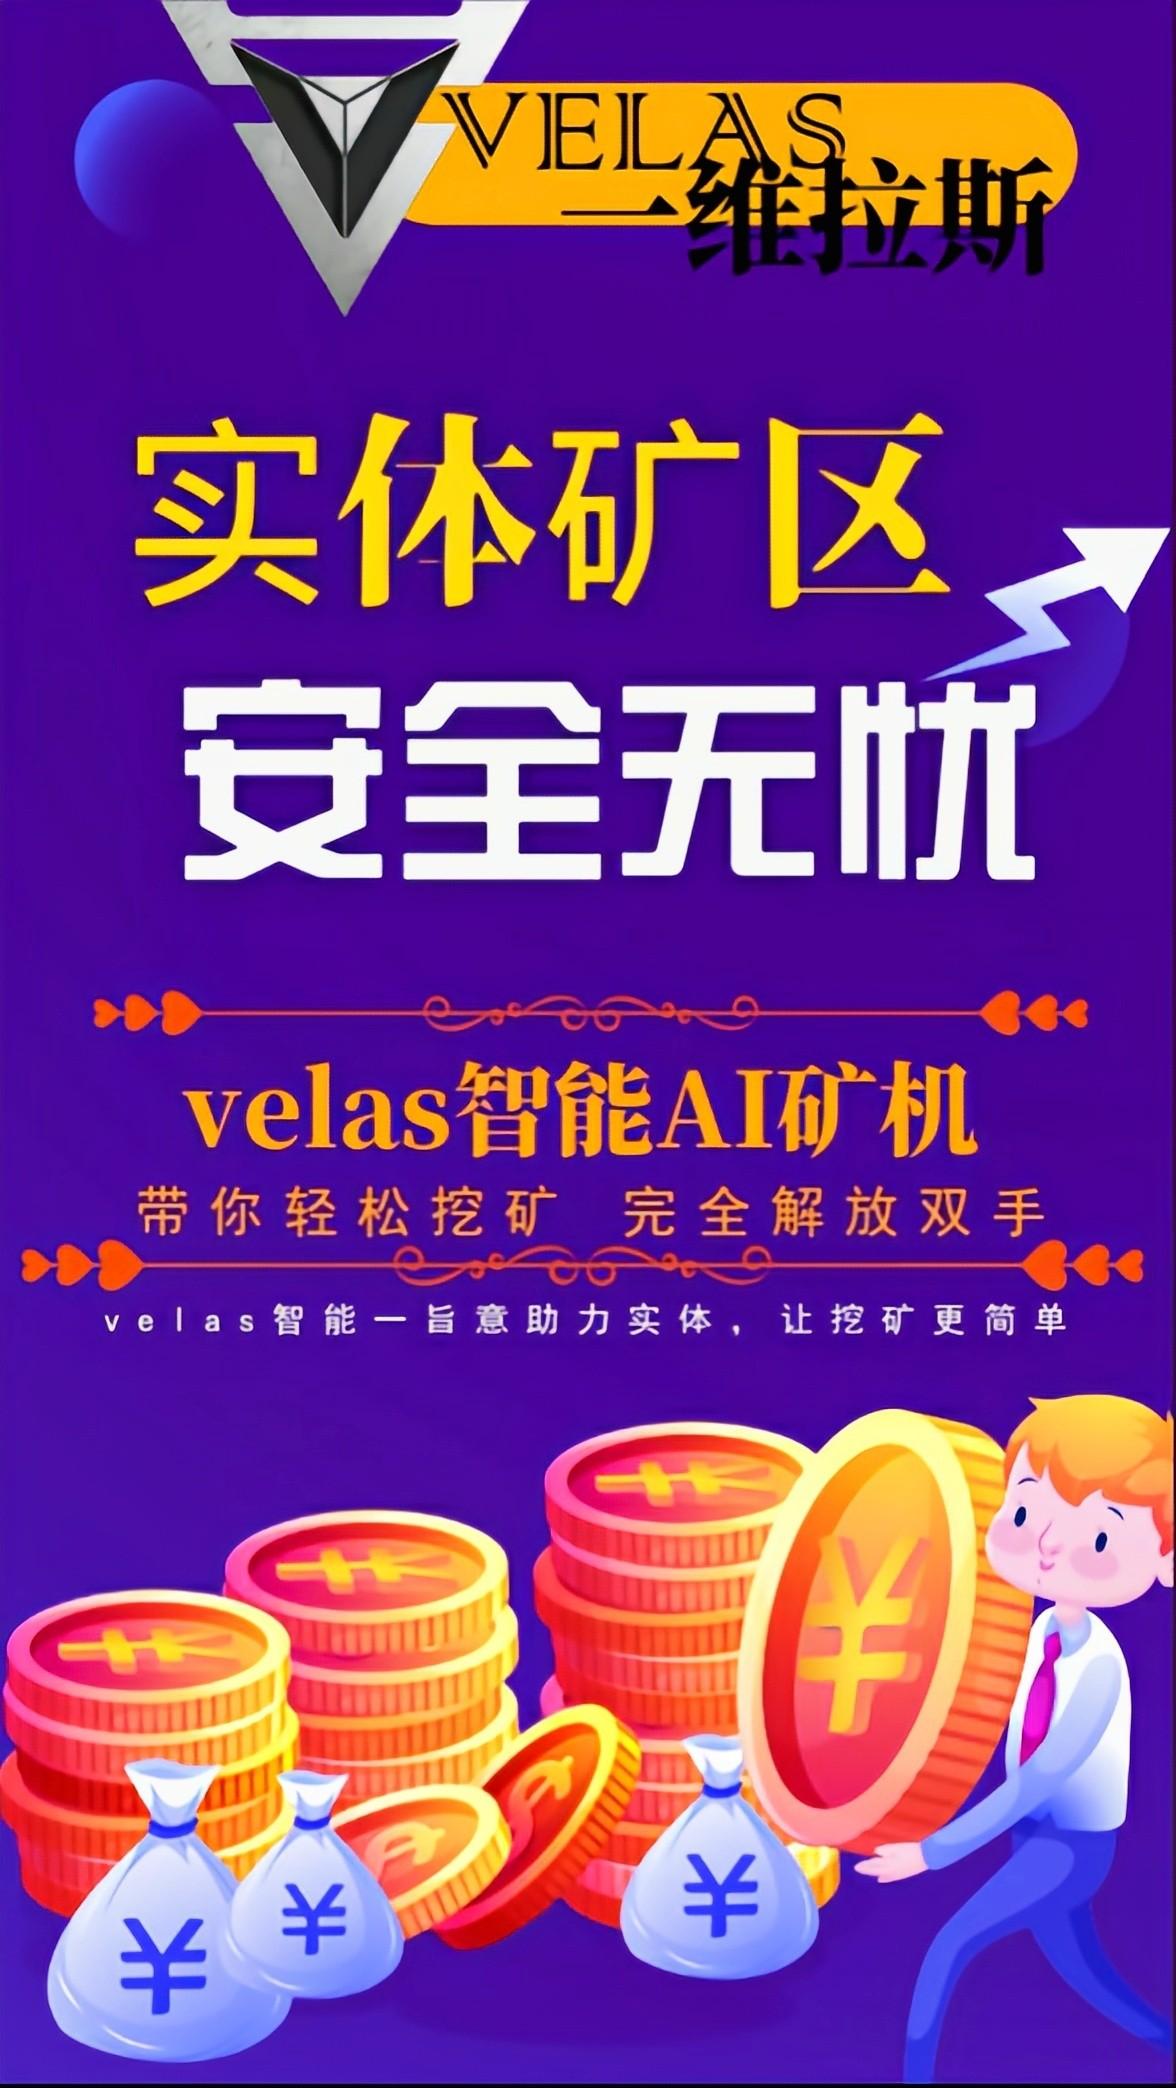 主题:维拉斯智能矿机进驻中国市场,引爆财富盛宴!